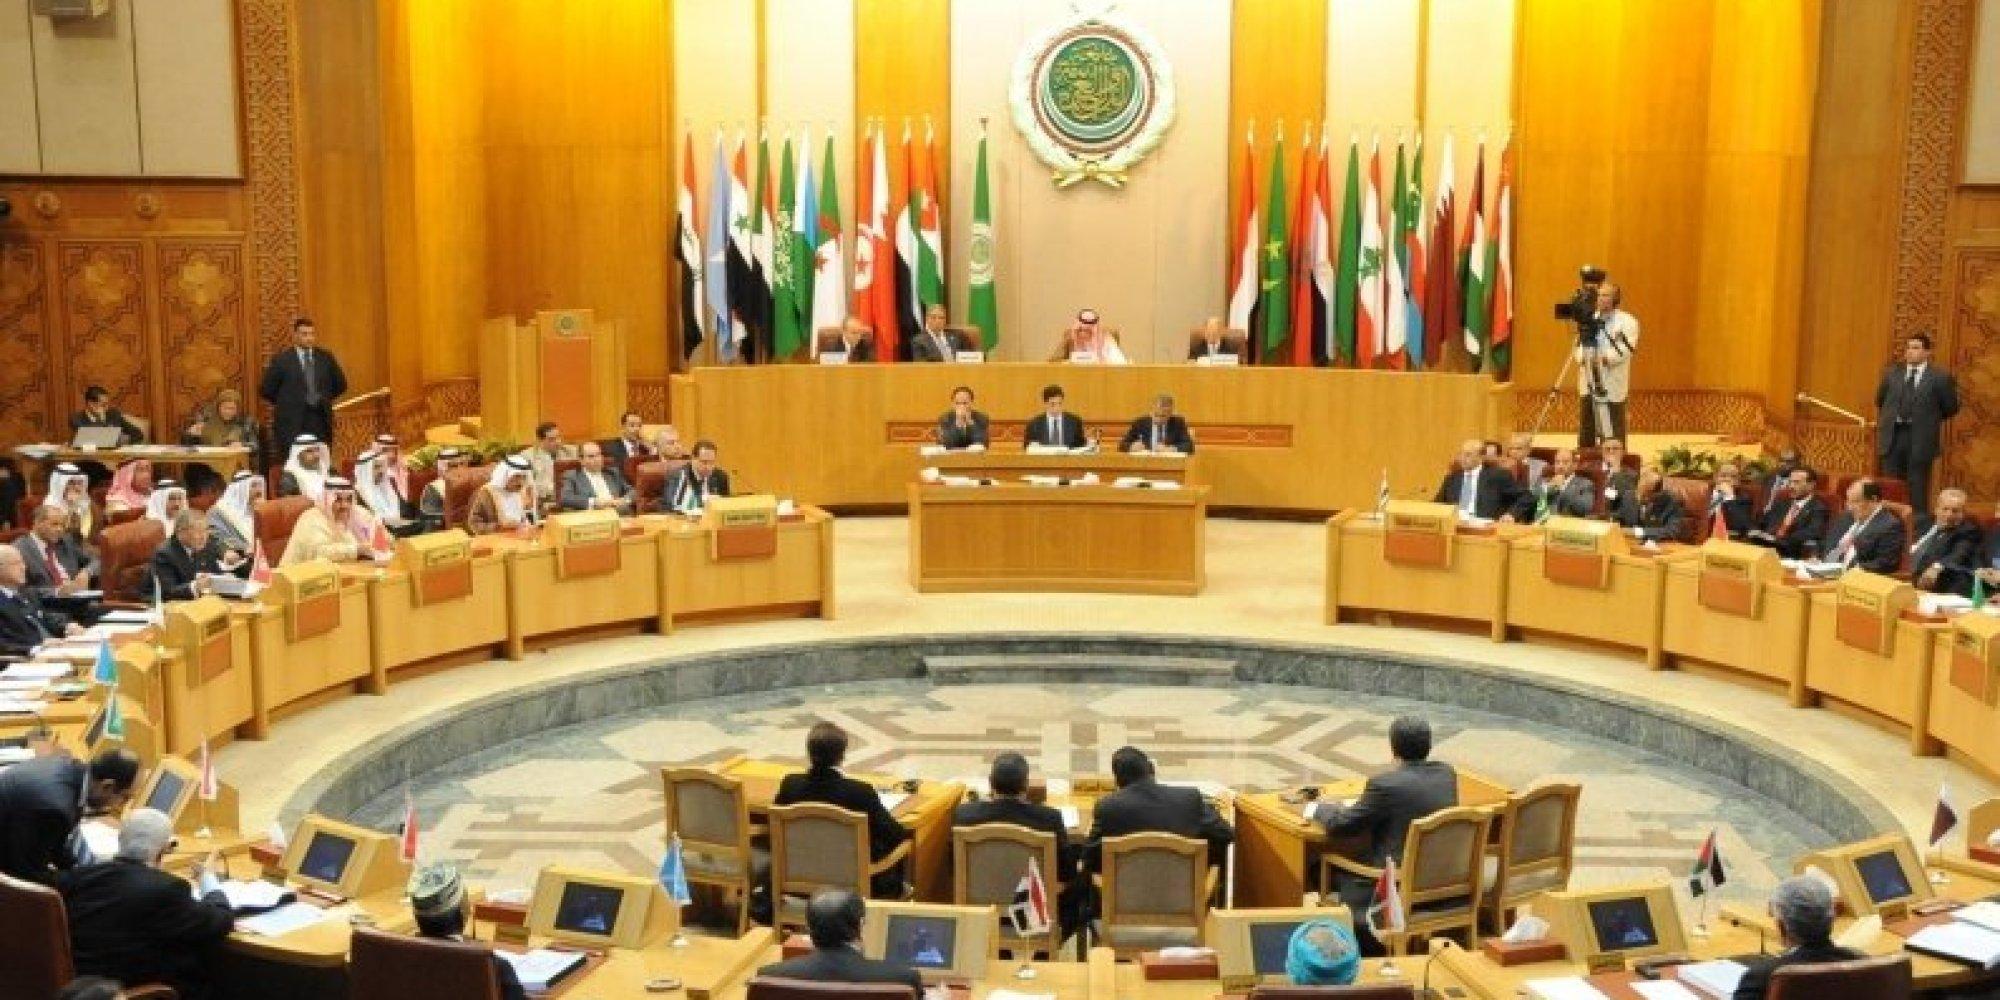 TEMPS et CONTRETEMPS: Son déclin mène la Ligue Arabe vers l'inutilité